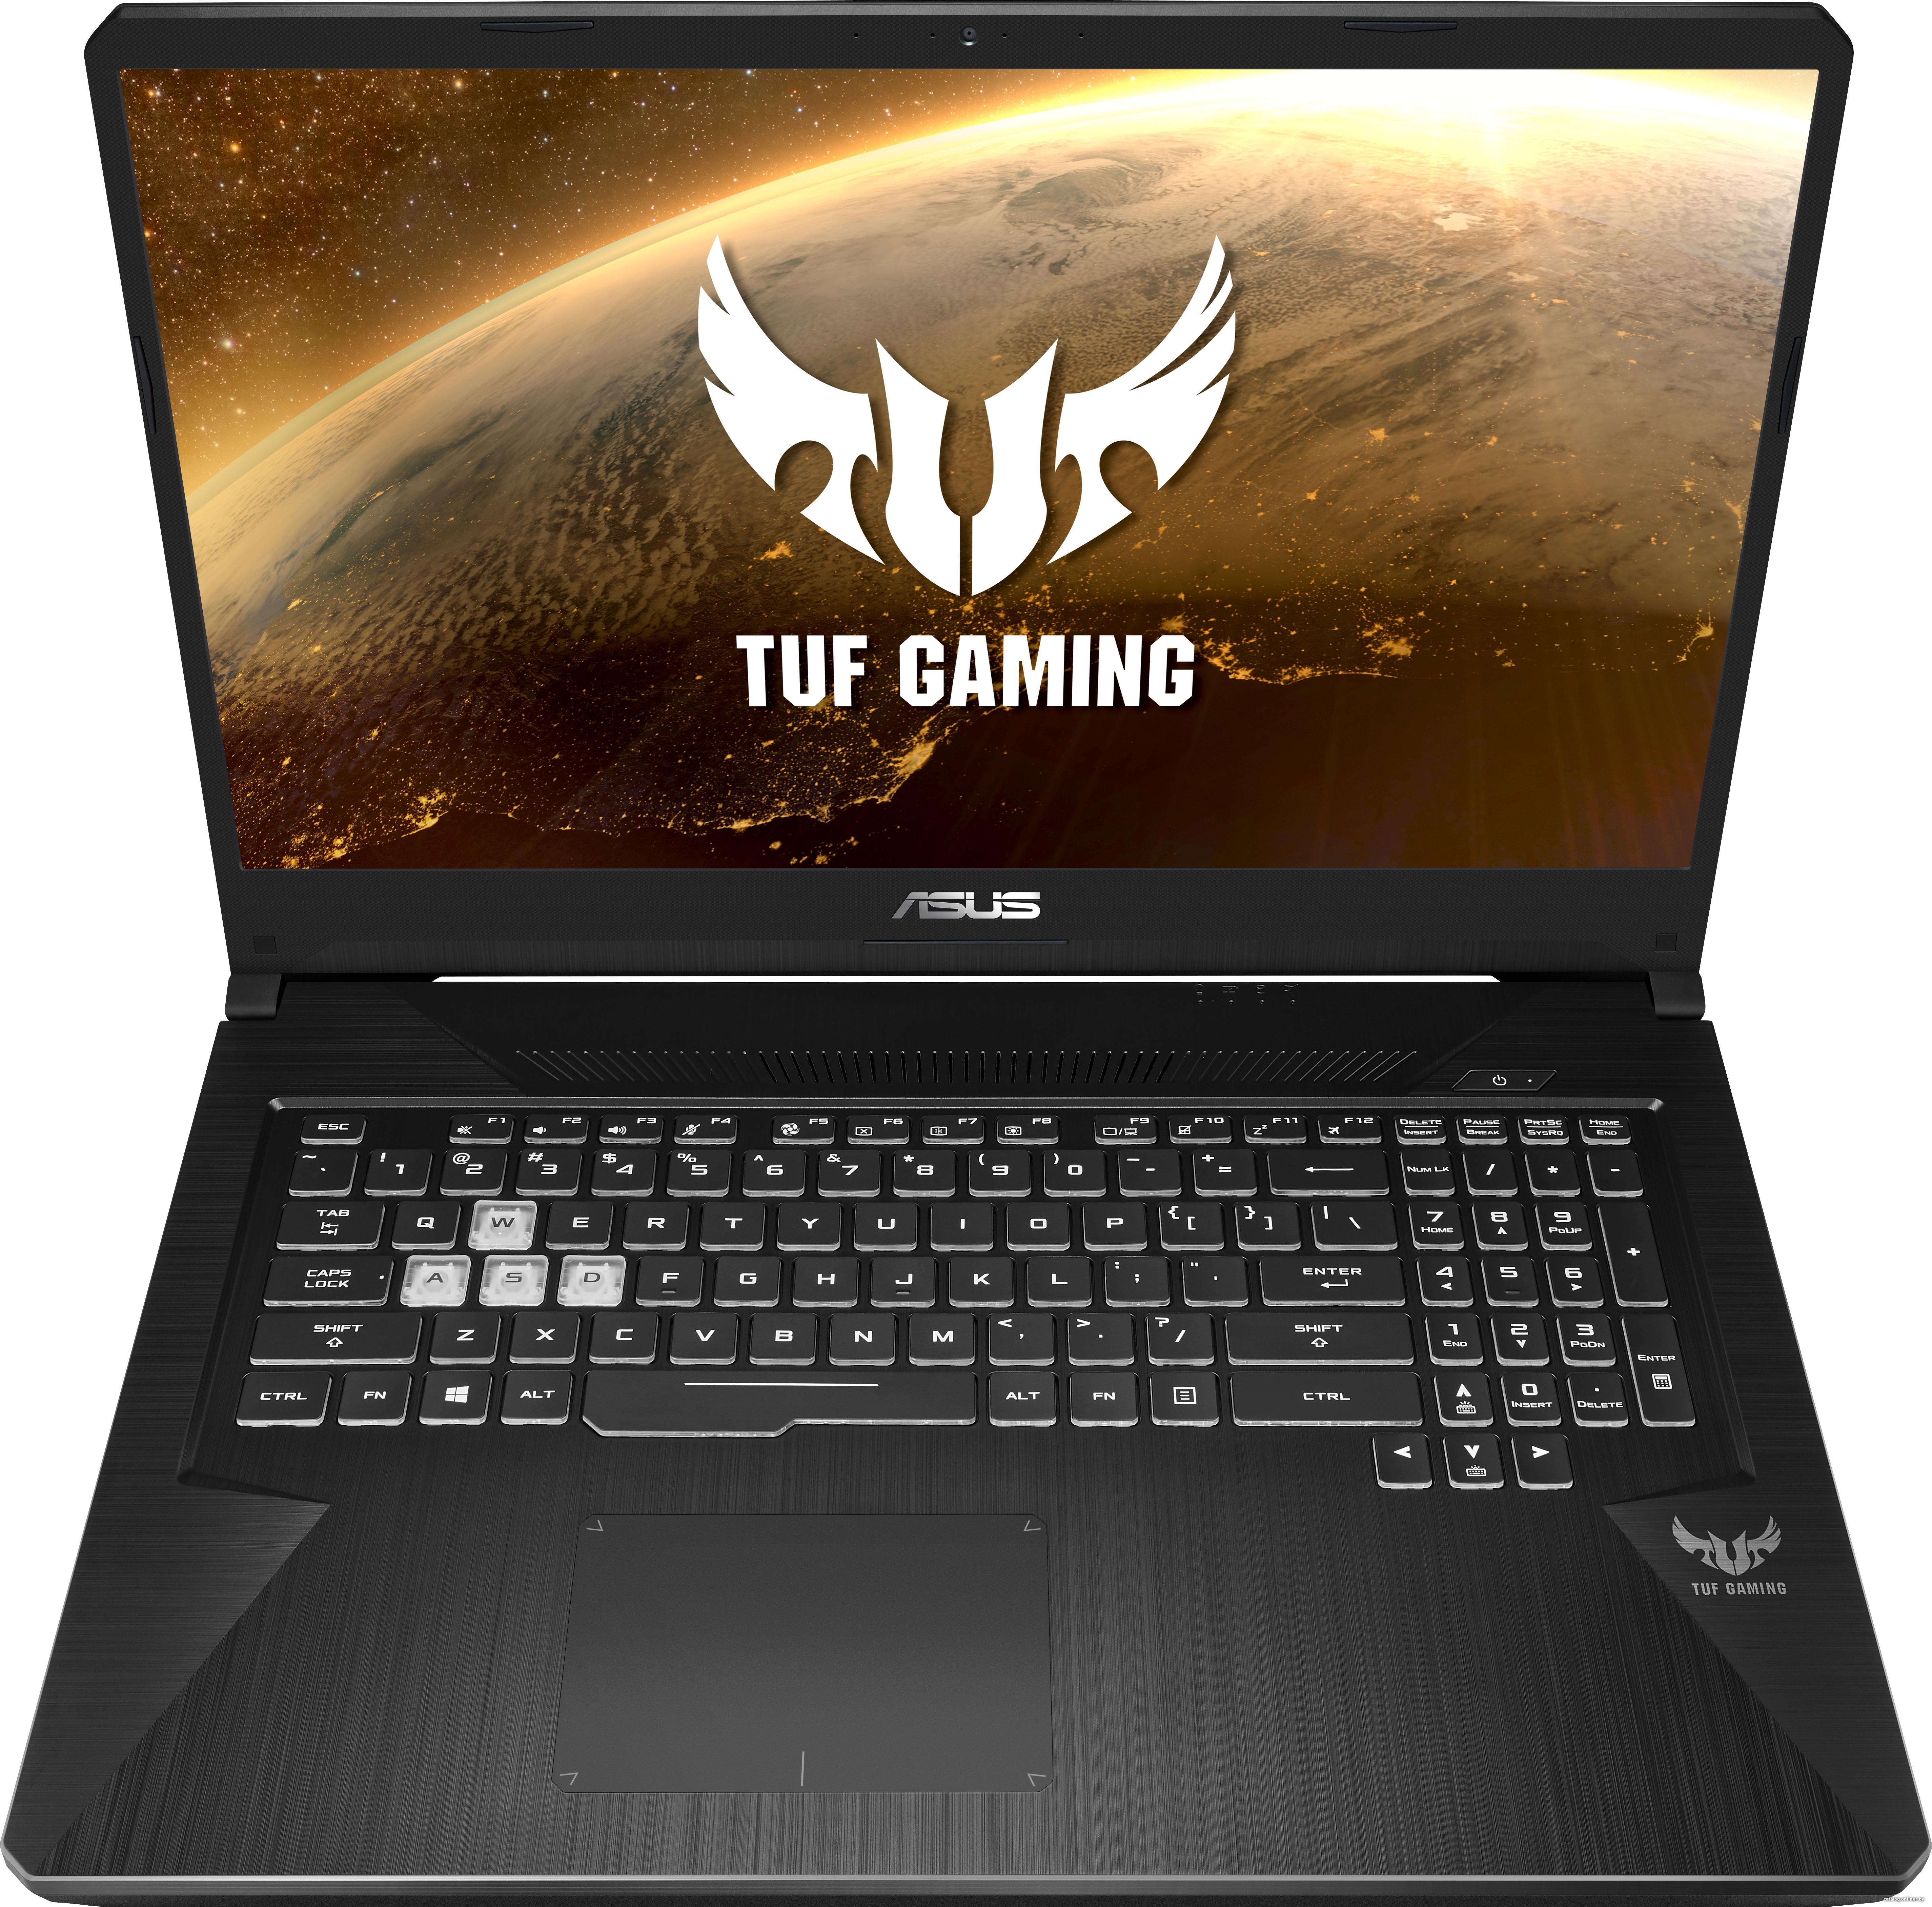 ASUS TUF Gaming FX705GD-EW222 Image #5